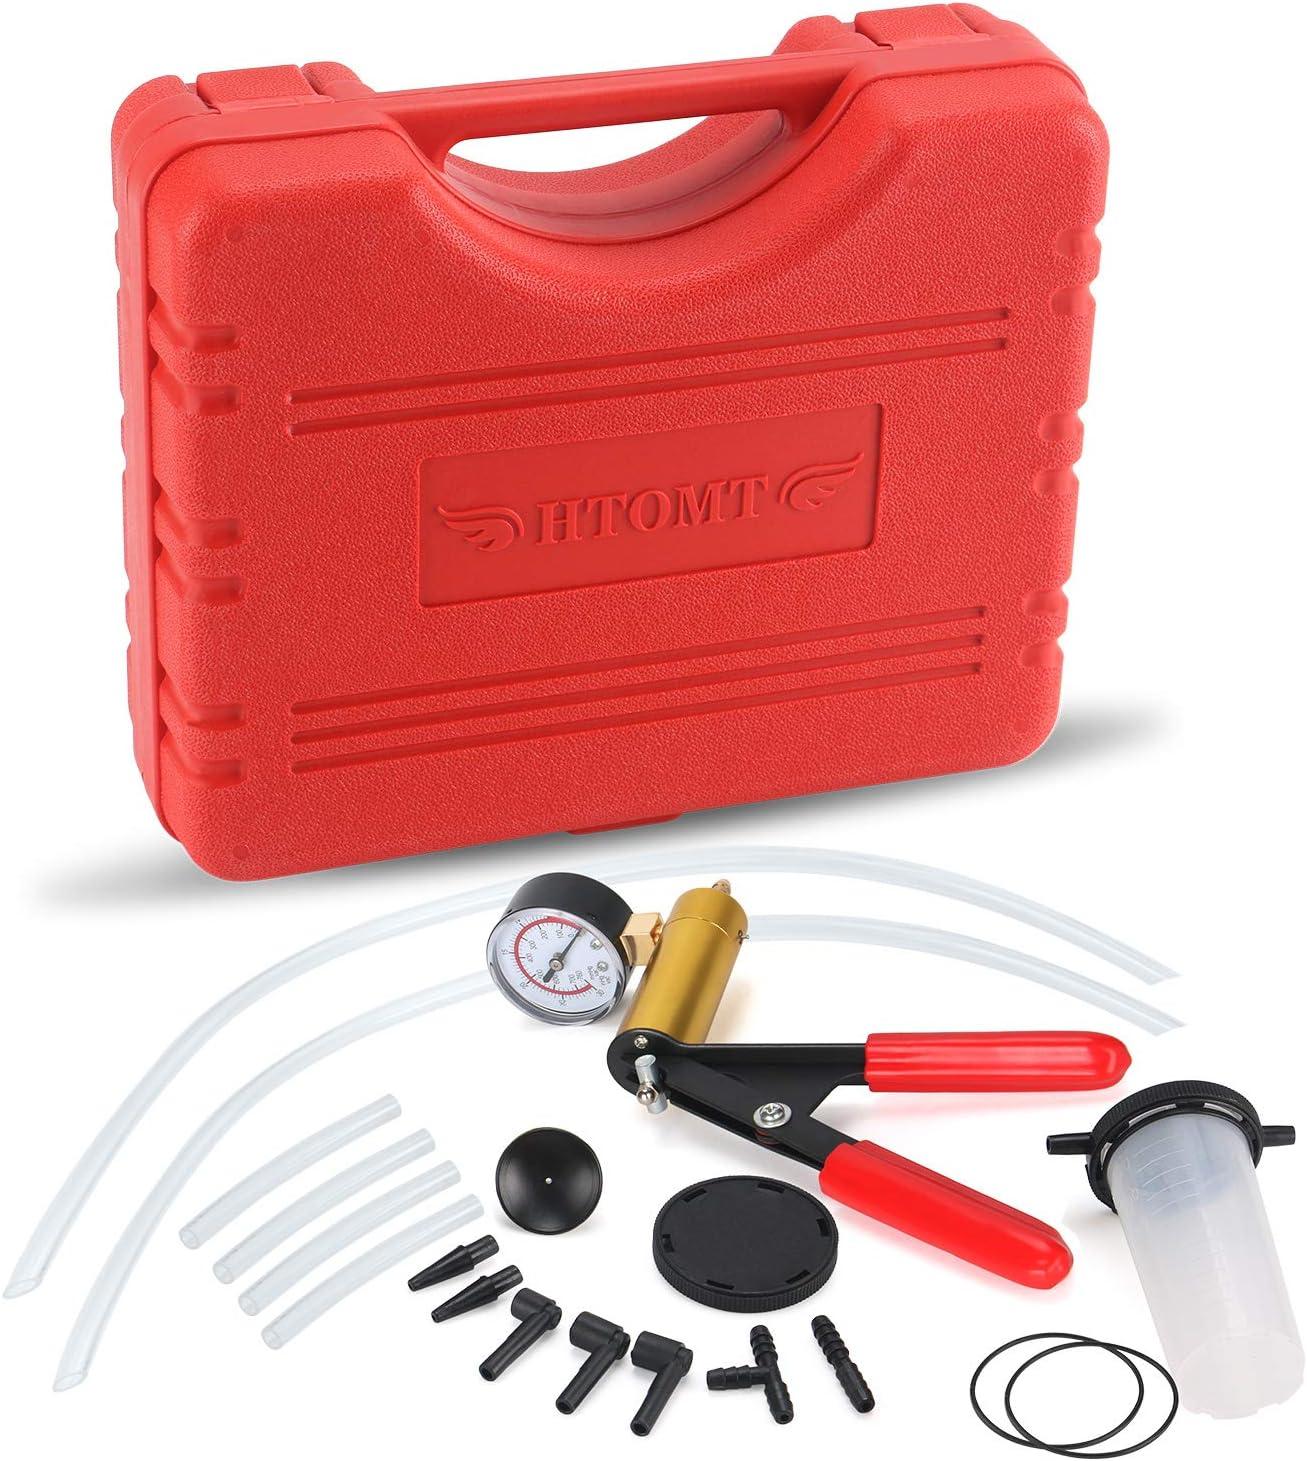 HTOMT 2 in 1 Brake Bleeder Kit